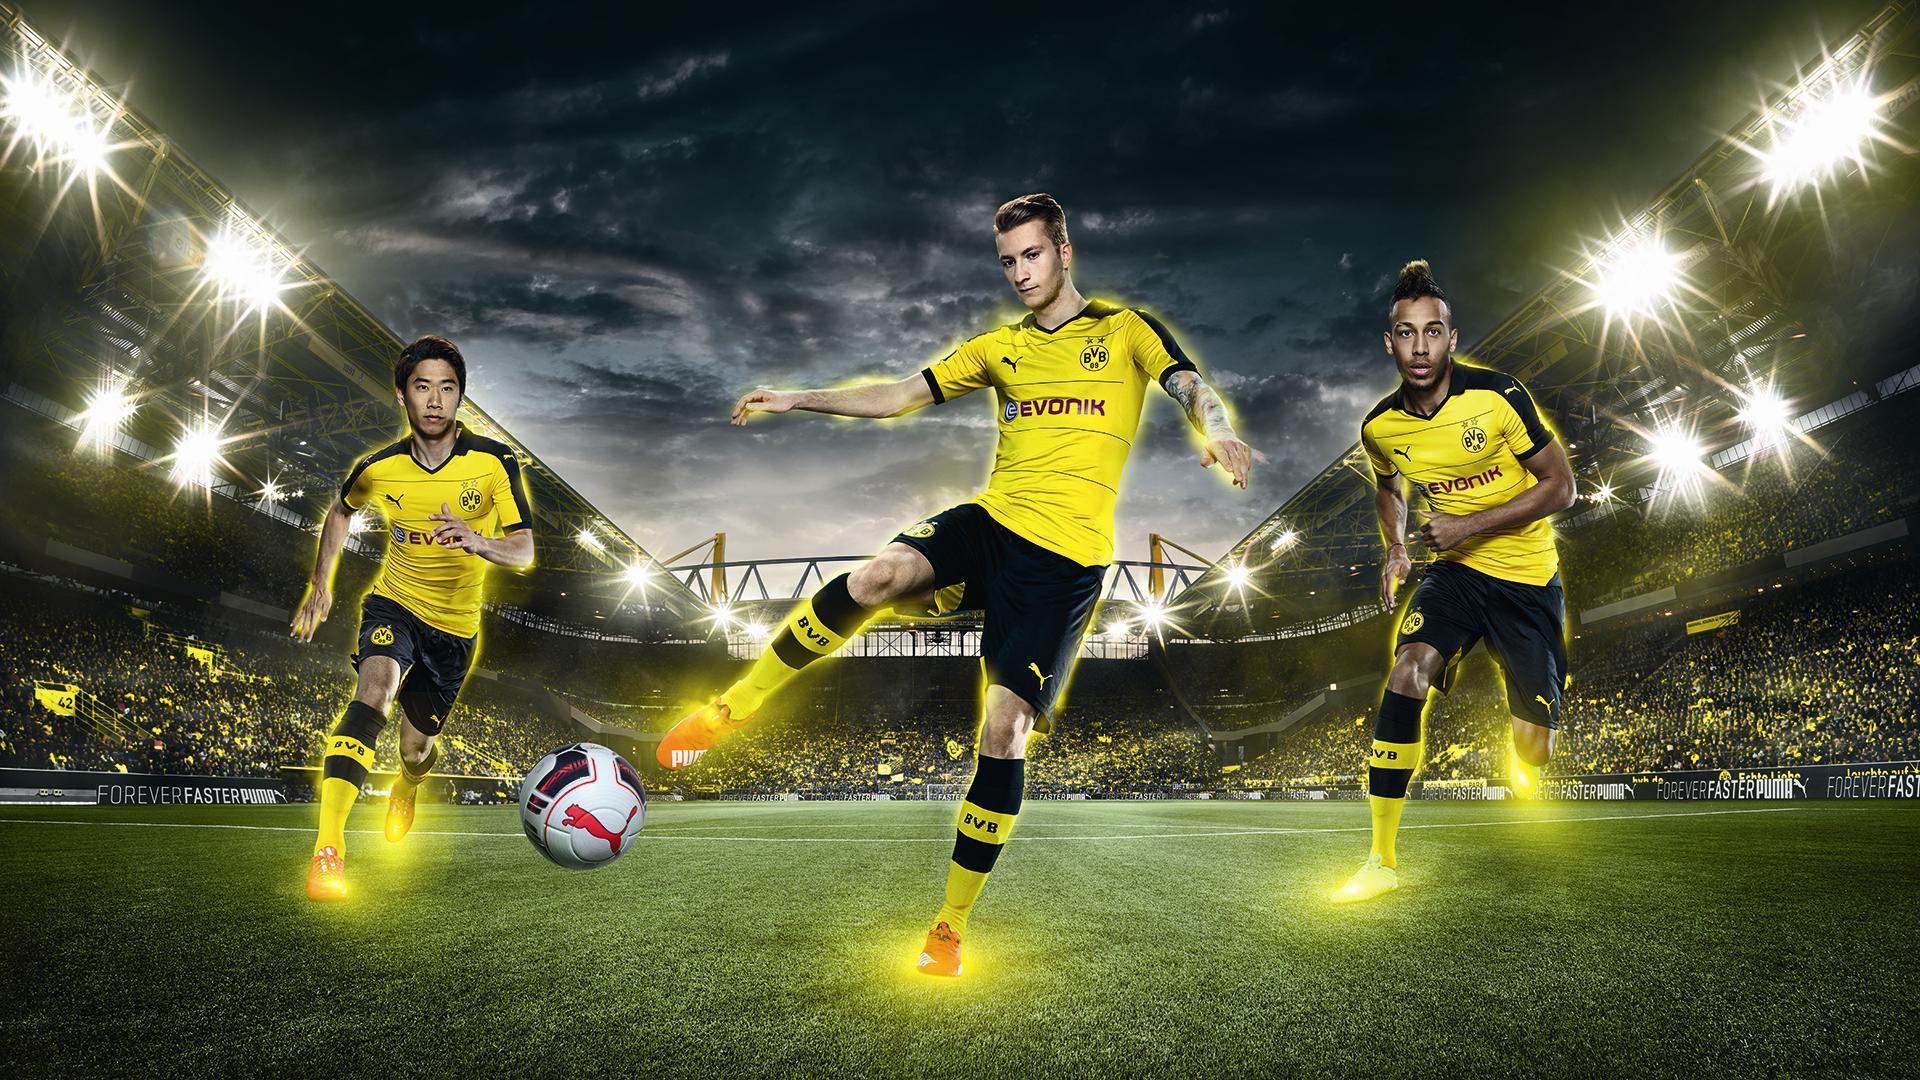 Die schönsten, besten und emotionalesten Tore von Borussia Dortmund